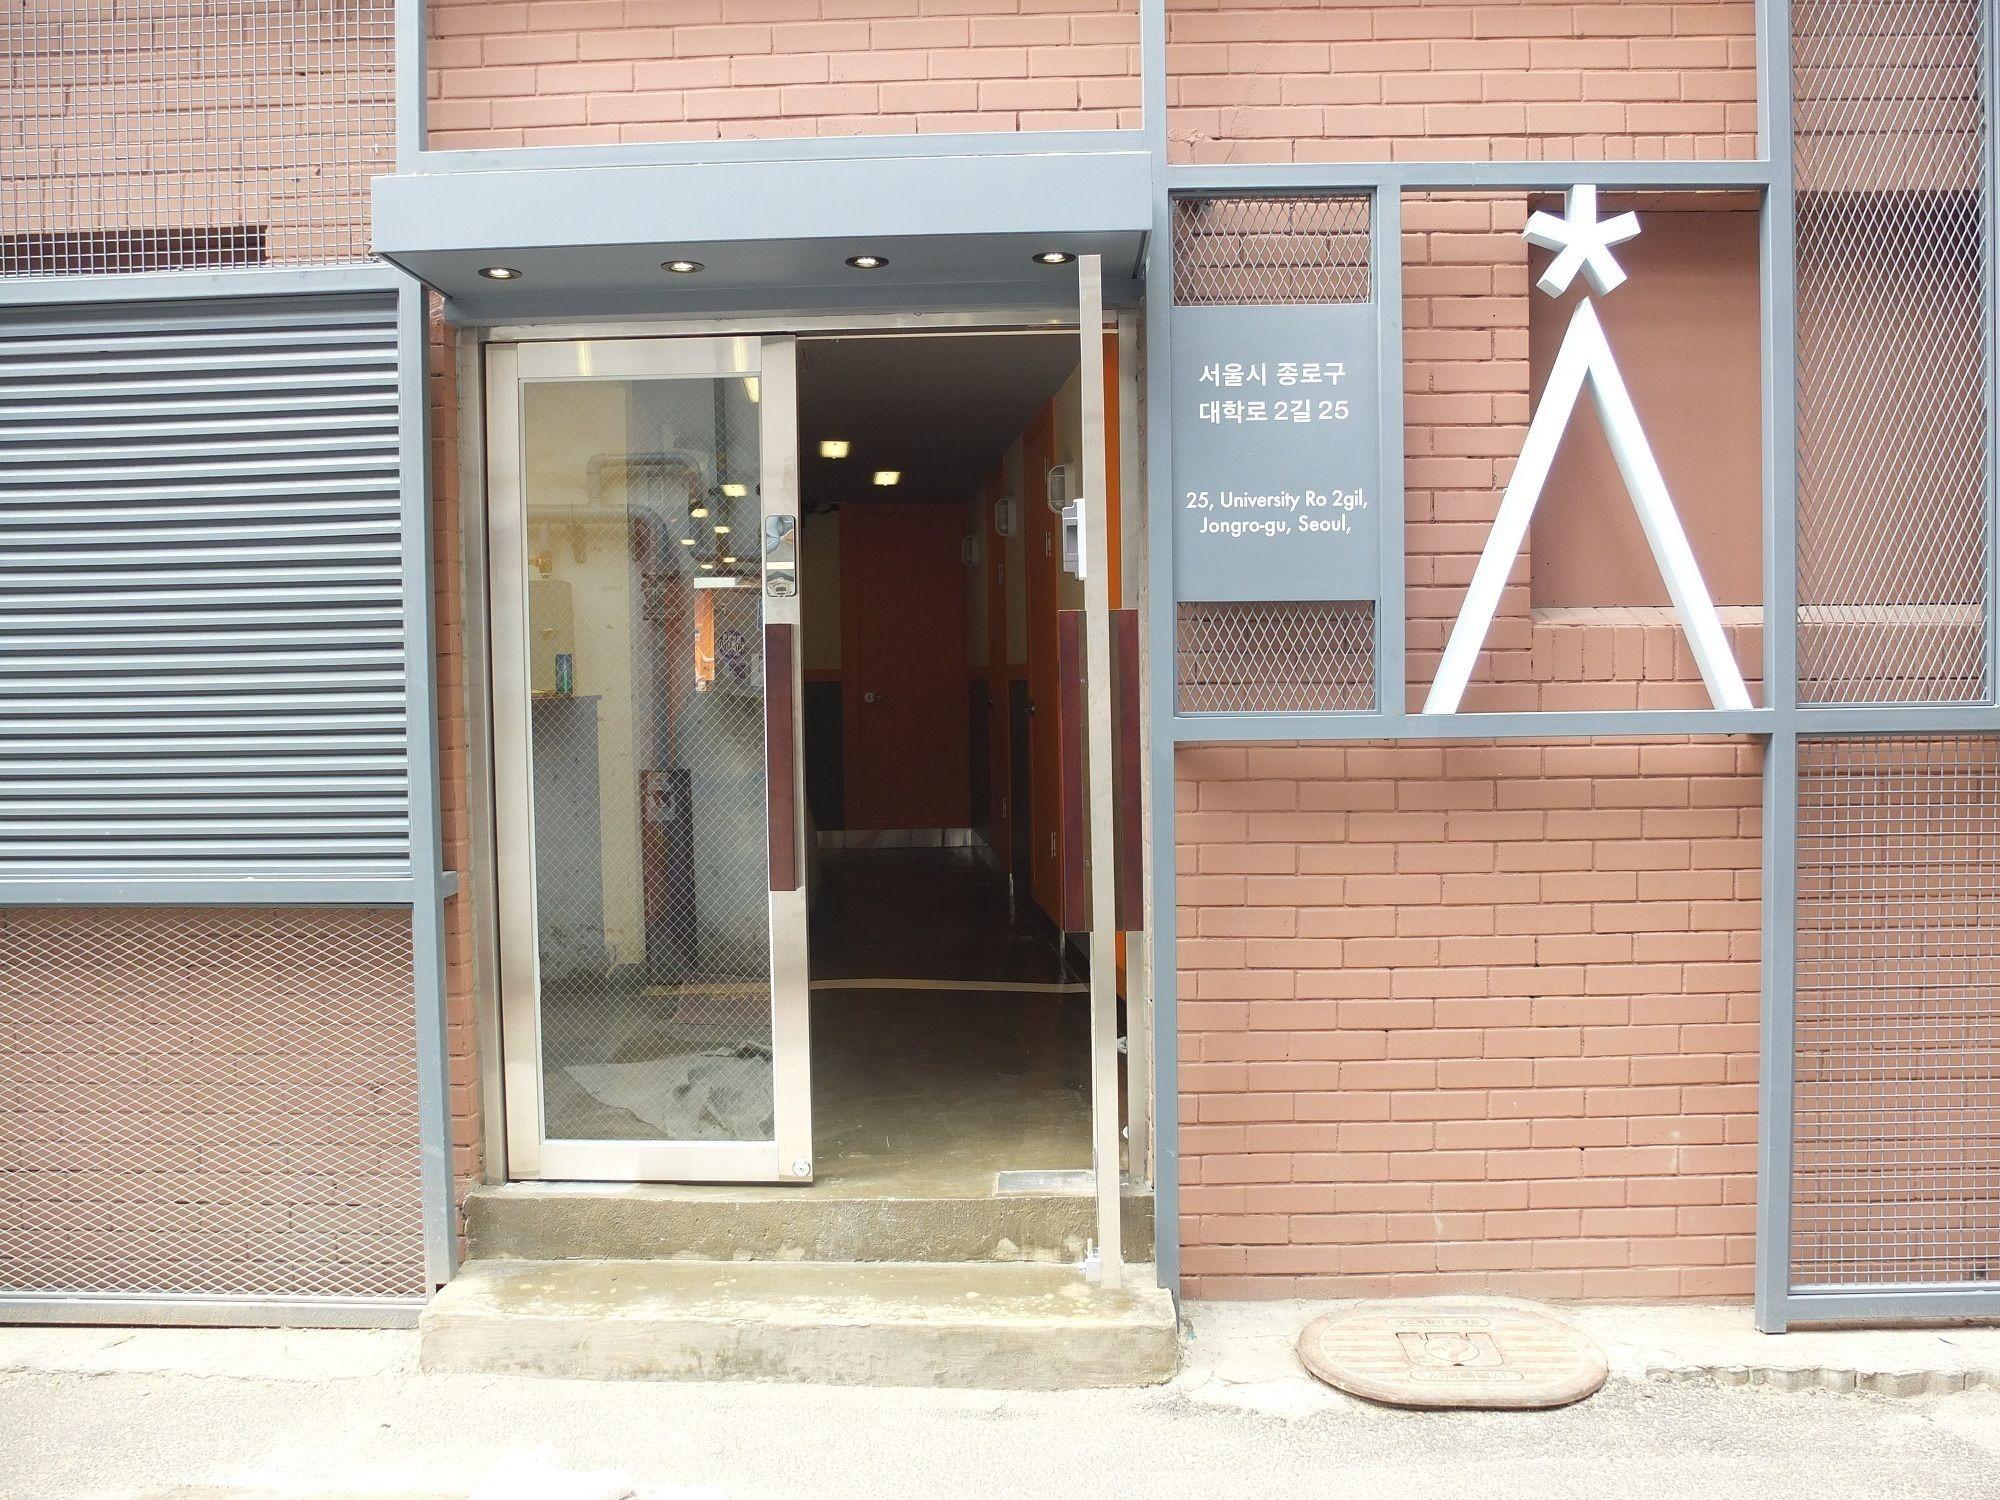 Star Hostel Seoul Dongdaemun, Jongro